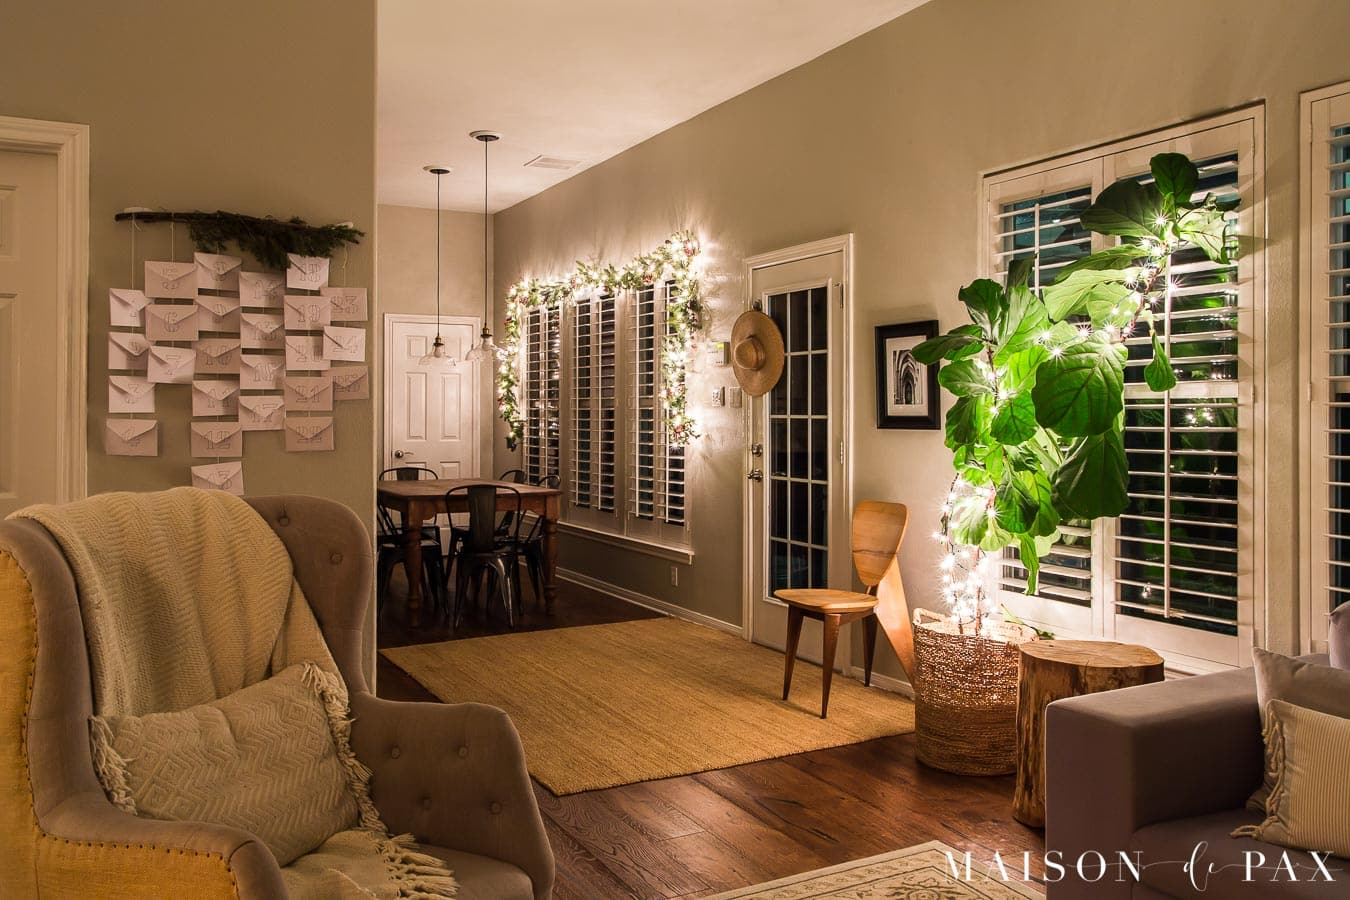 Christmas home tour at night with advent calendar | Maison de Pax